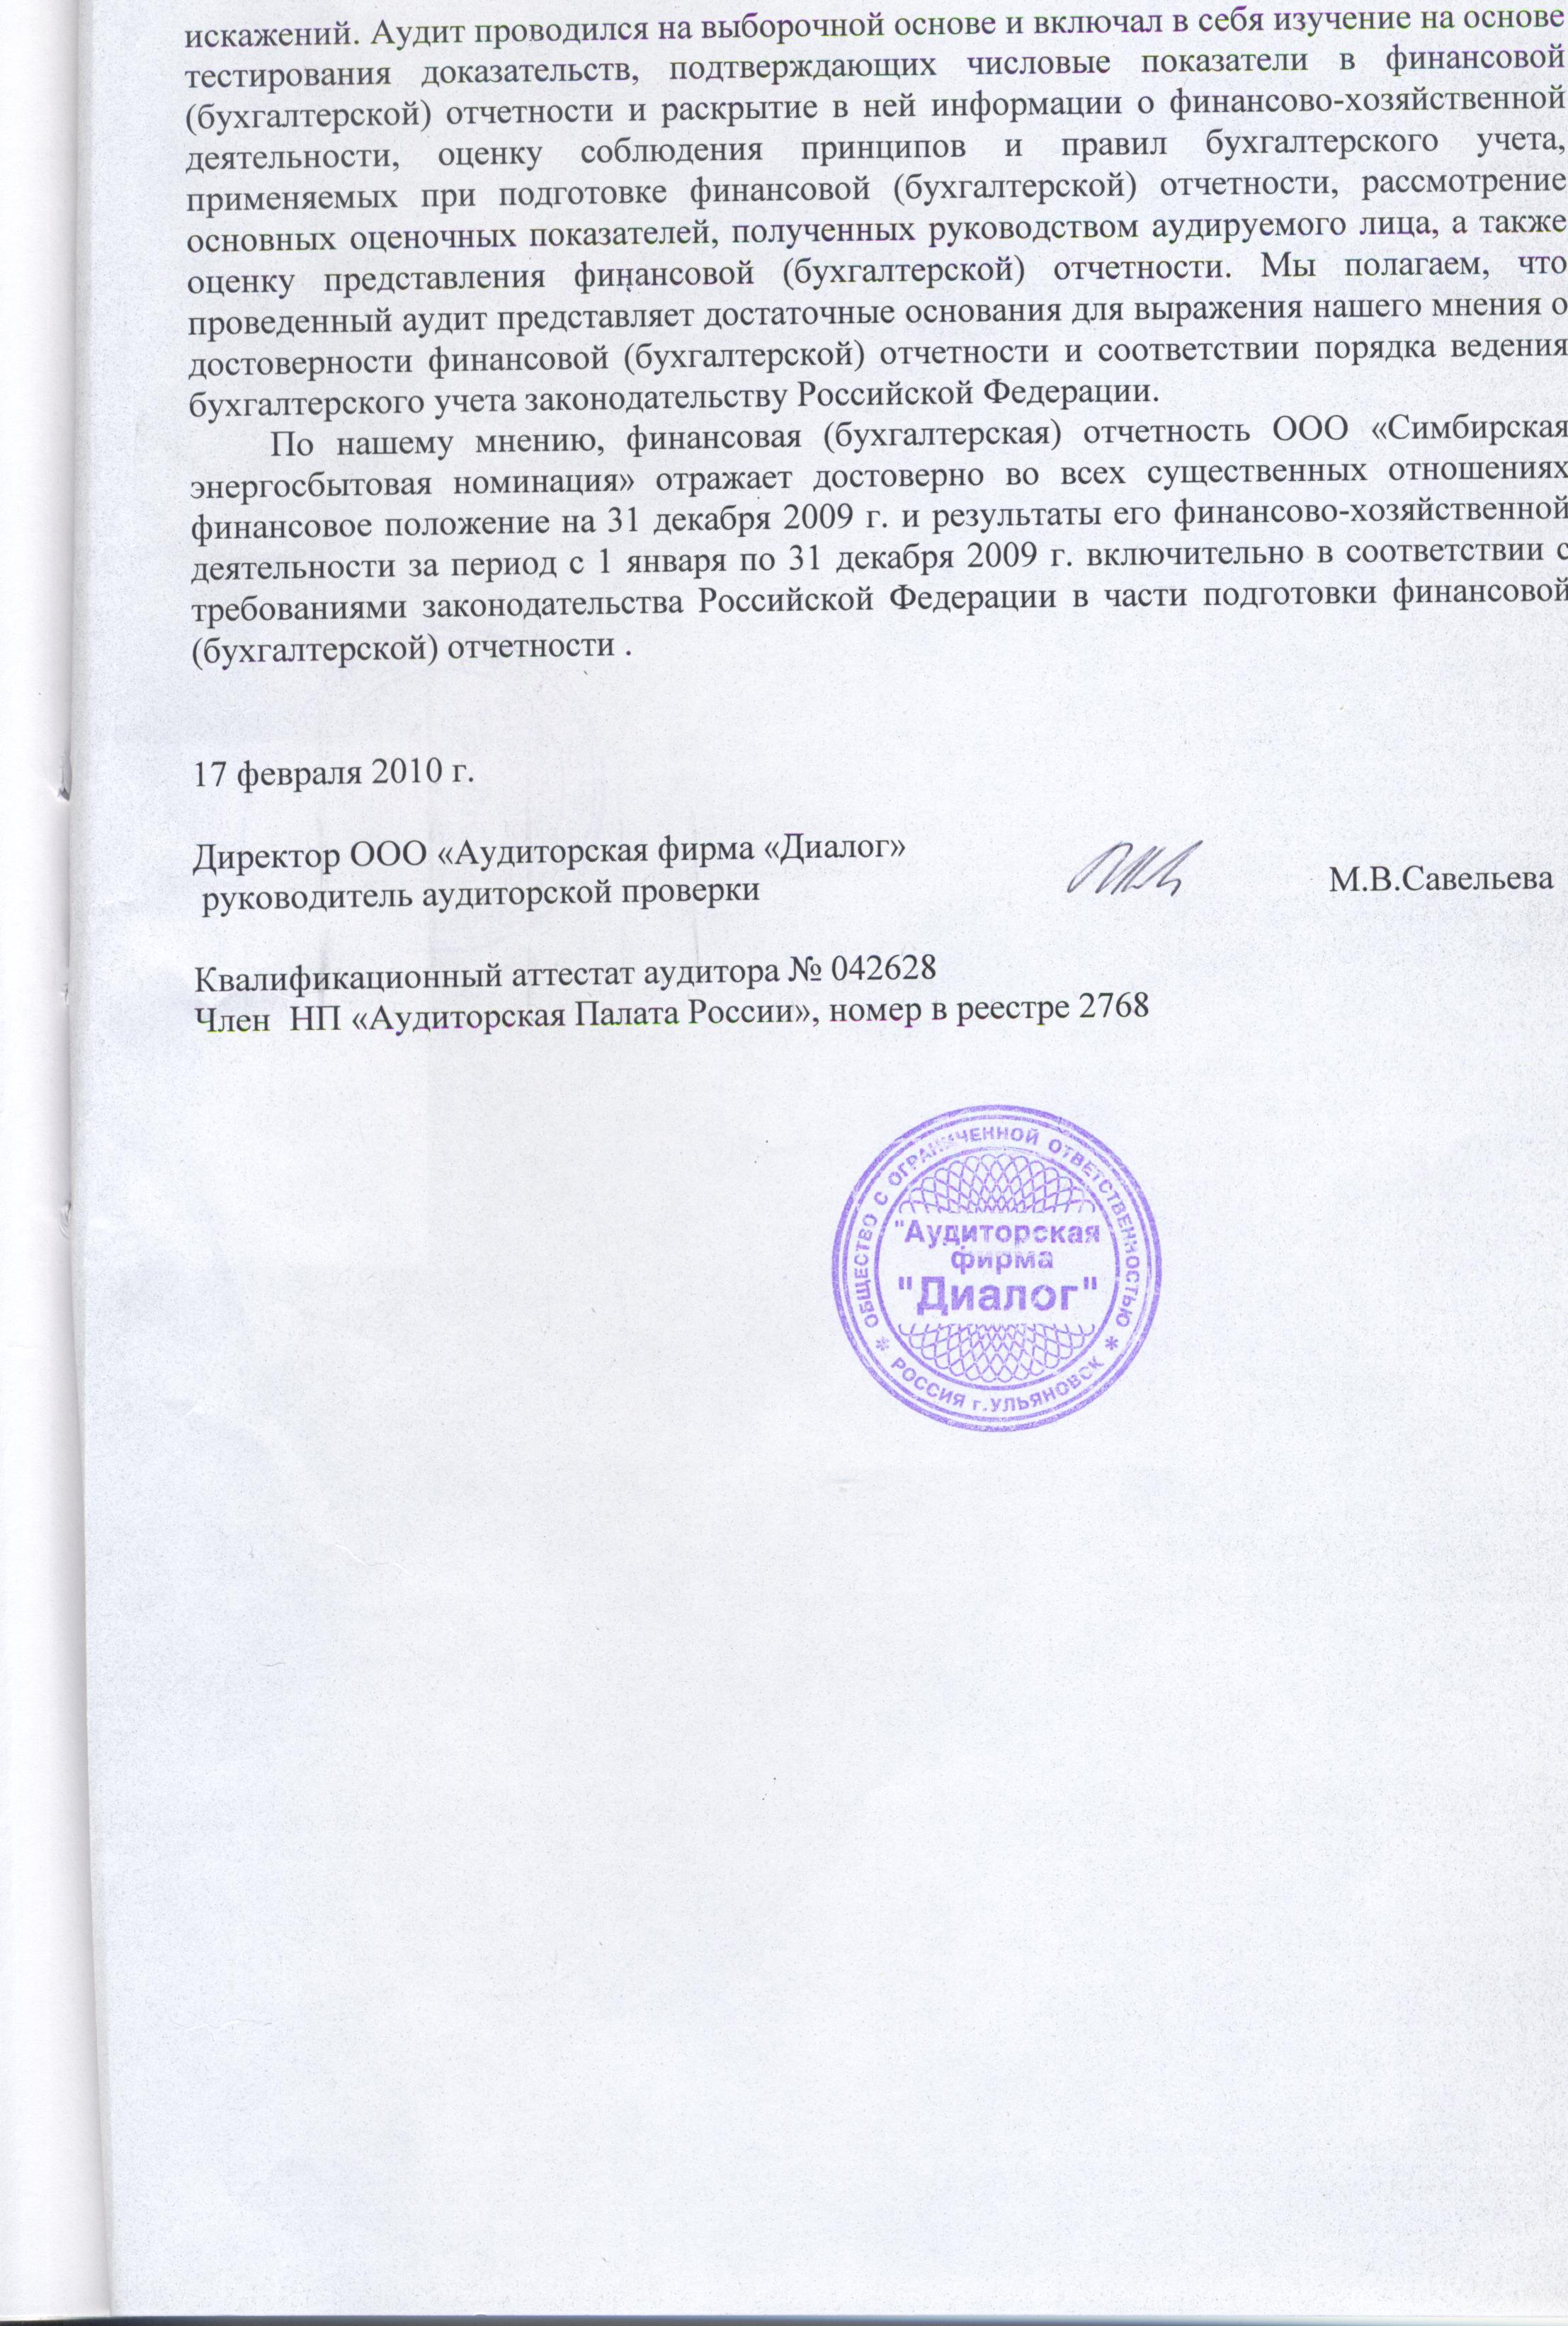 http://sesna.su/finans/audit/image/audit2009_2.JPG